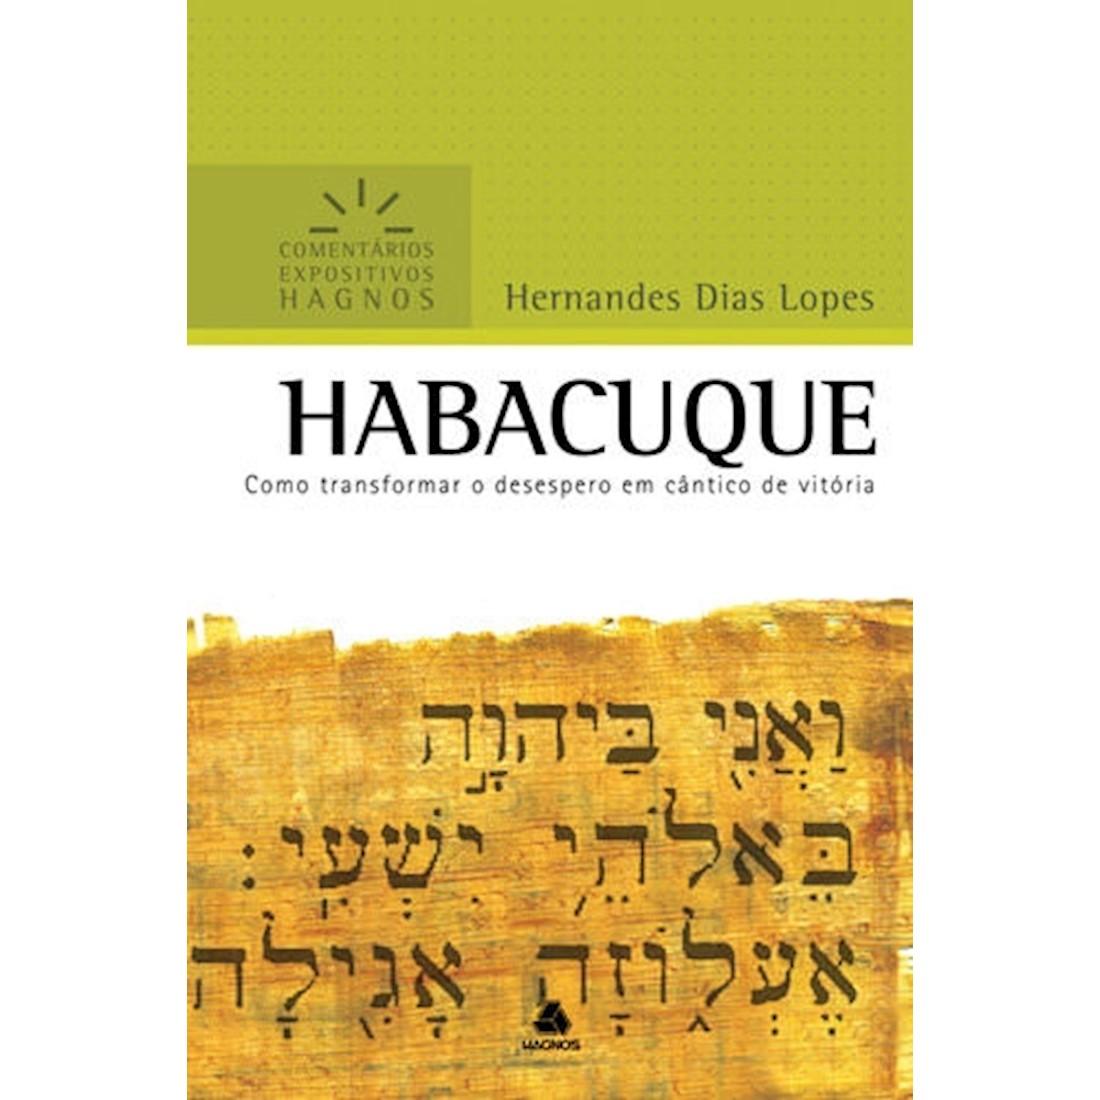 Livro Habacuque   Comentários Expositivos Hagnos